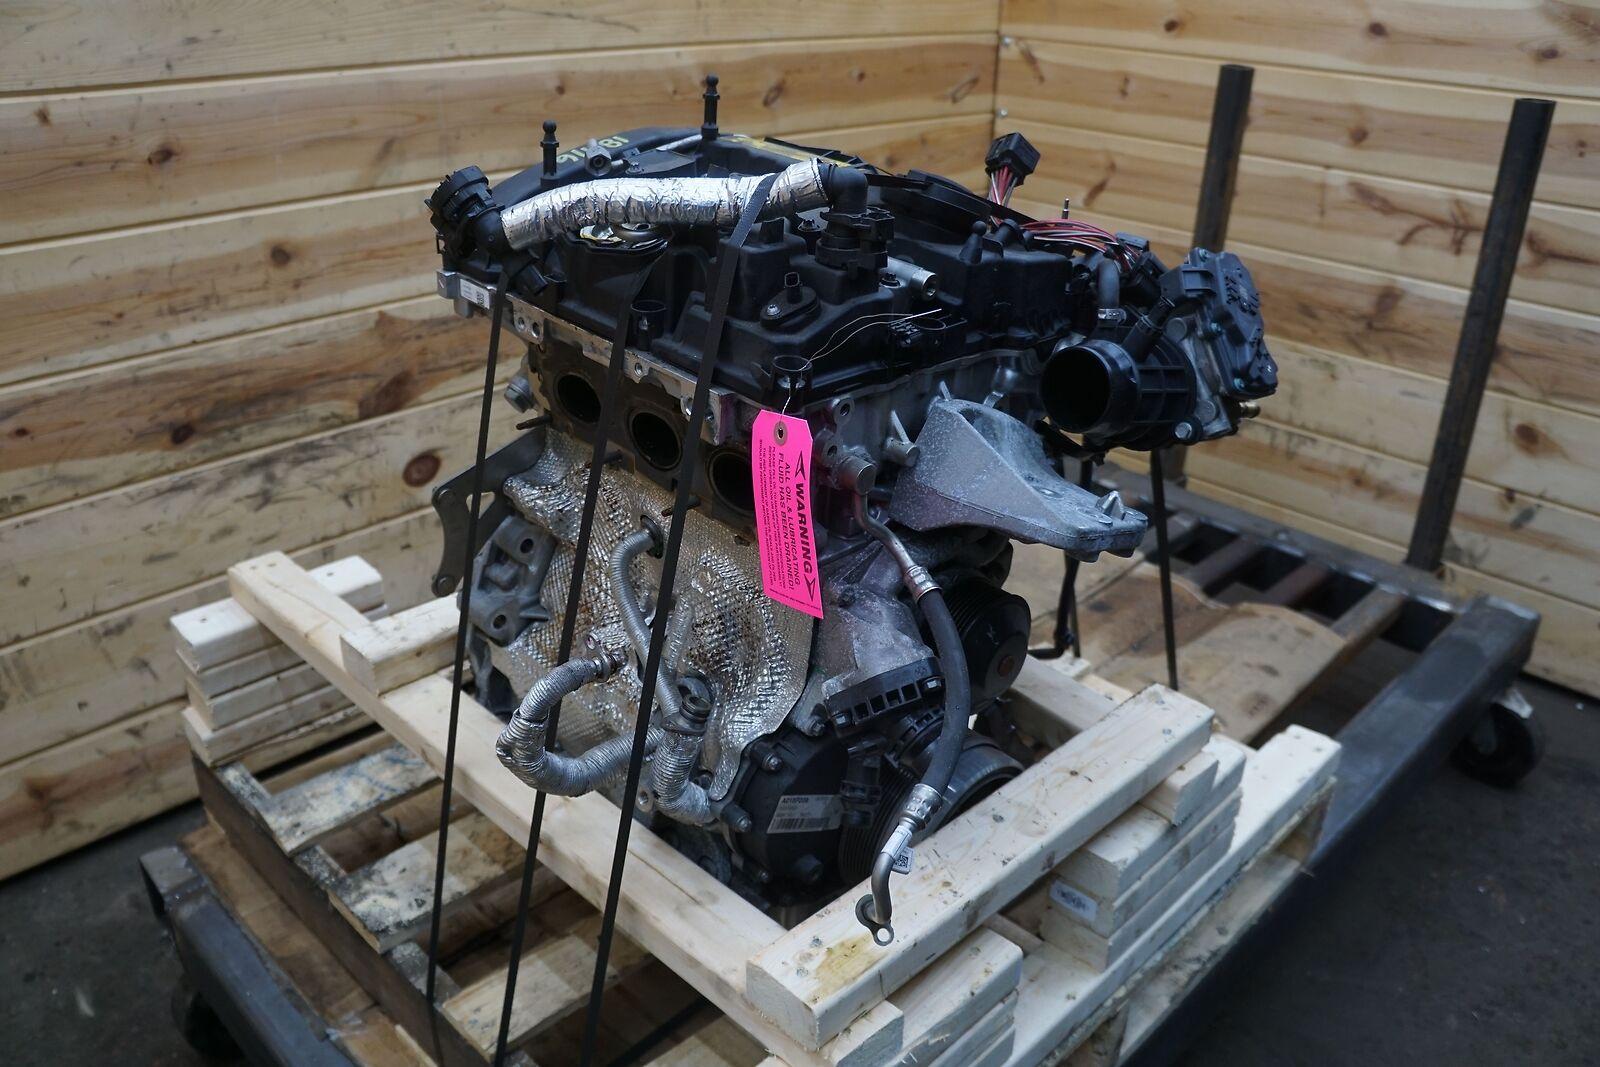 1 5l I 3 Twinpower Turbo B38t Longblock Engine Bmw I8 2014 17